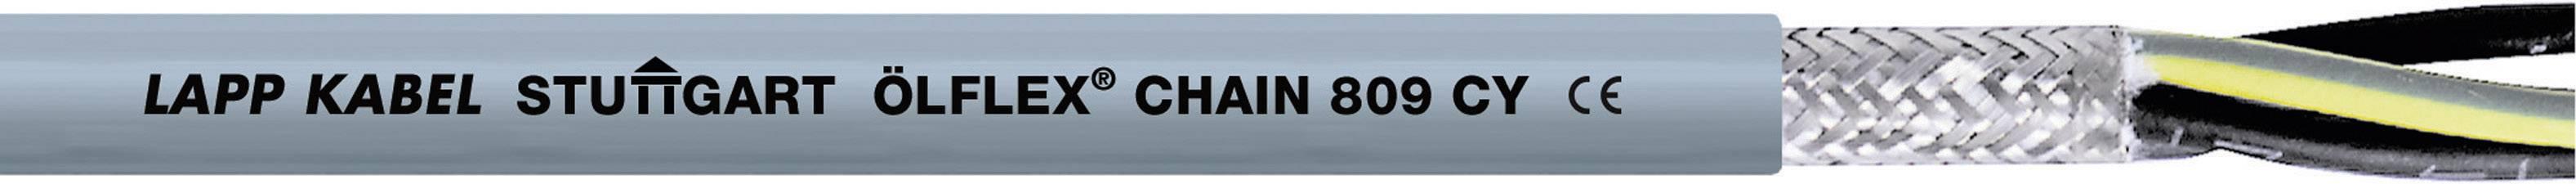 Žíla kabelu LappKabel ÖLFLEX CHAIN 809 CY 4G1,5 (1026777), 4x 1,5 mm², PVC, Ø 8,4 mm, stíněný, 1 m, šedá